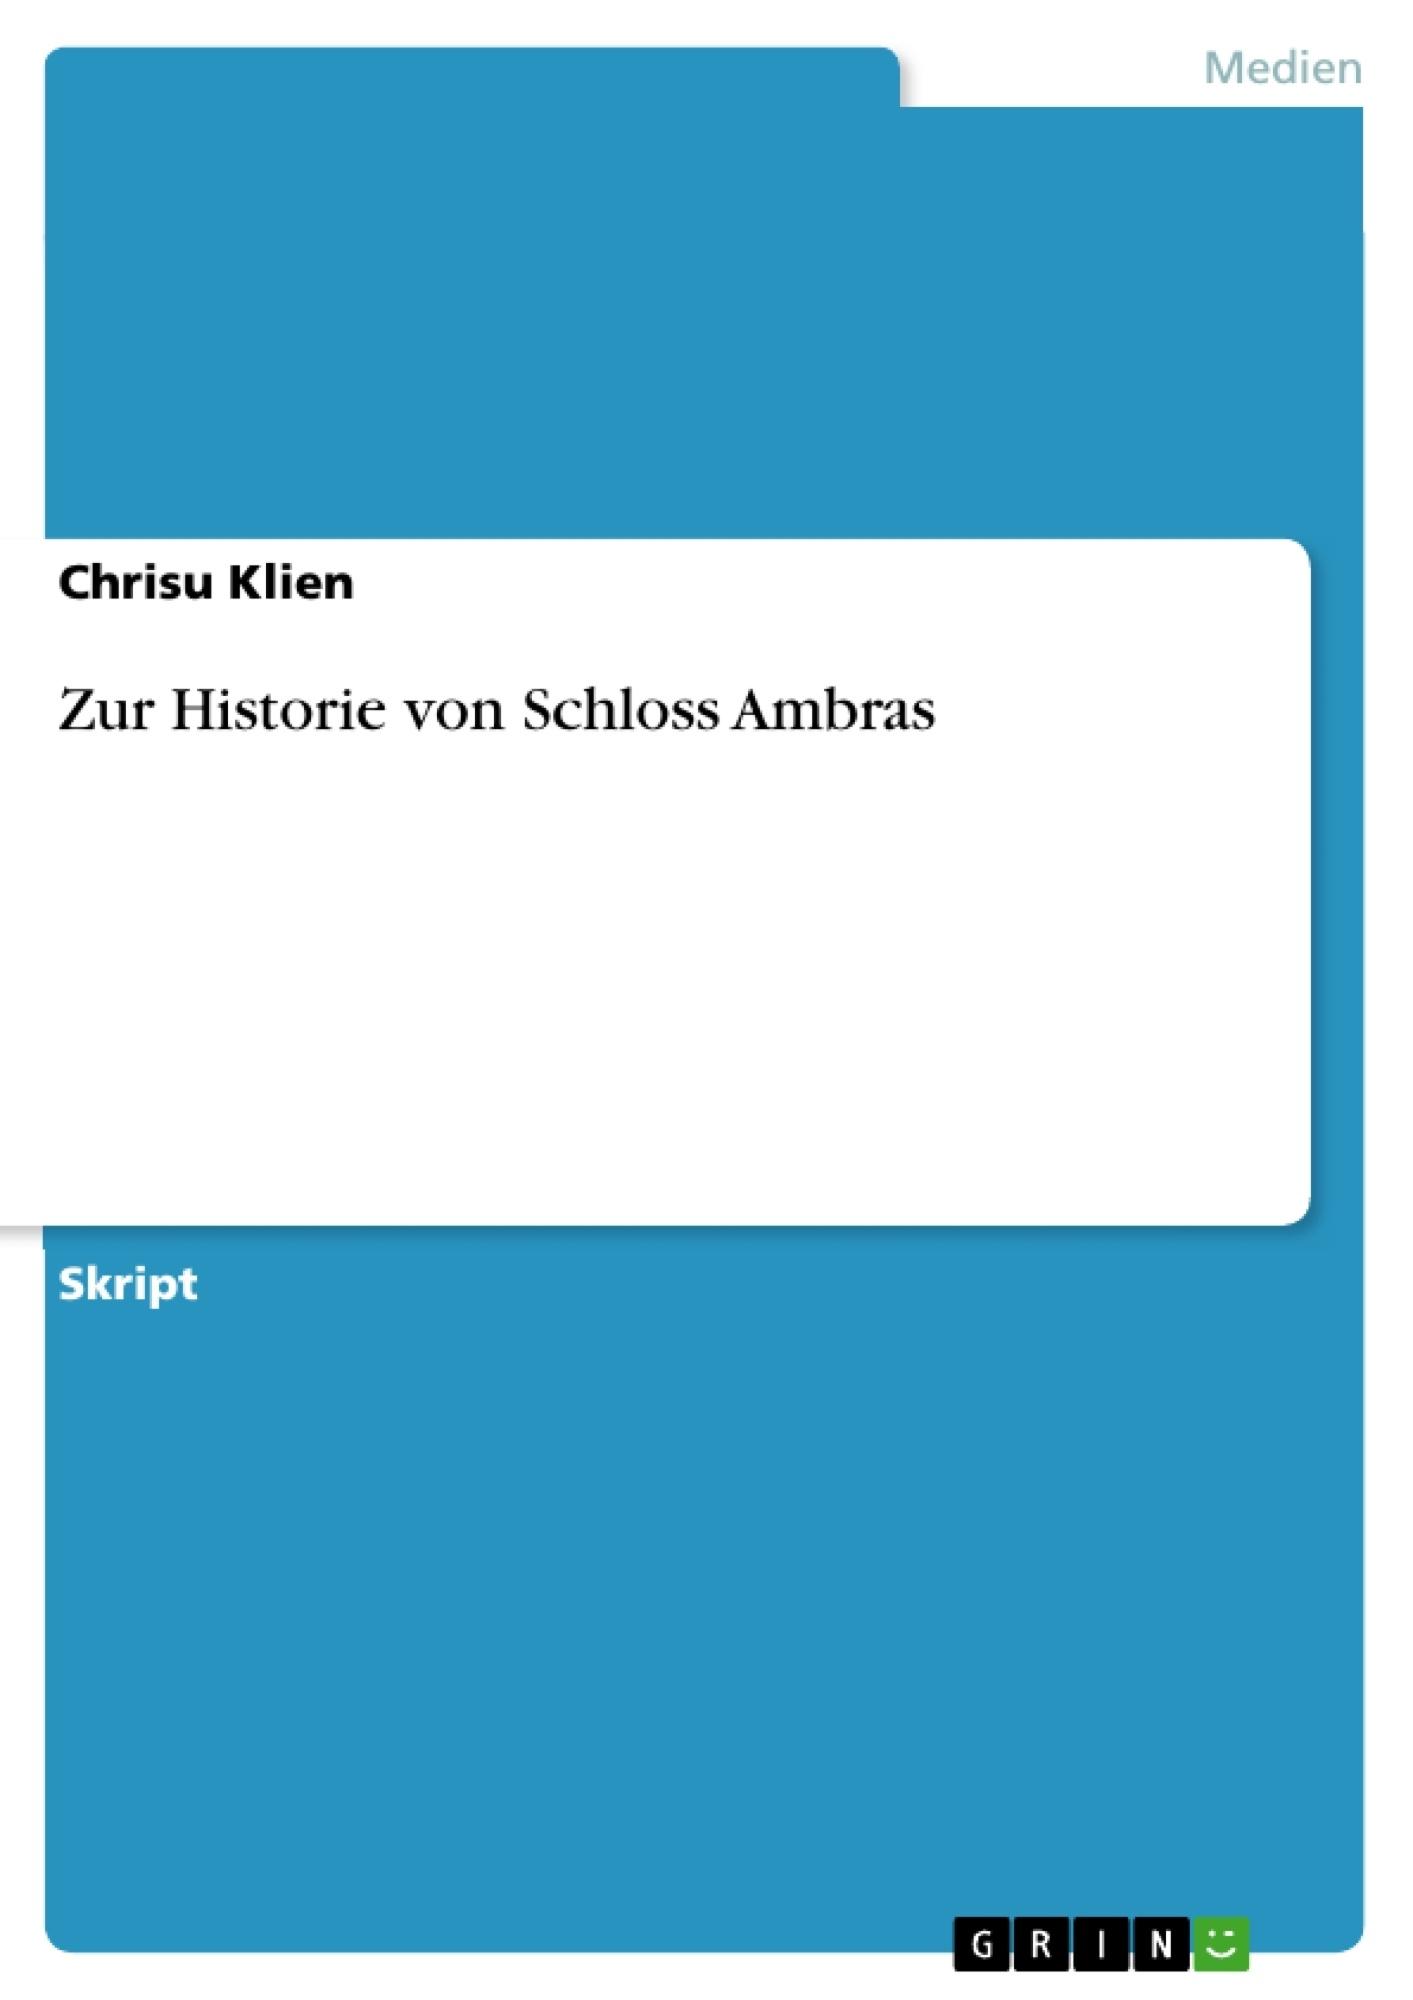 Titel: Zur Historie von Schloss Ambras